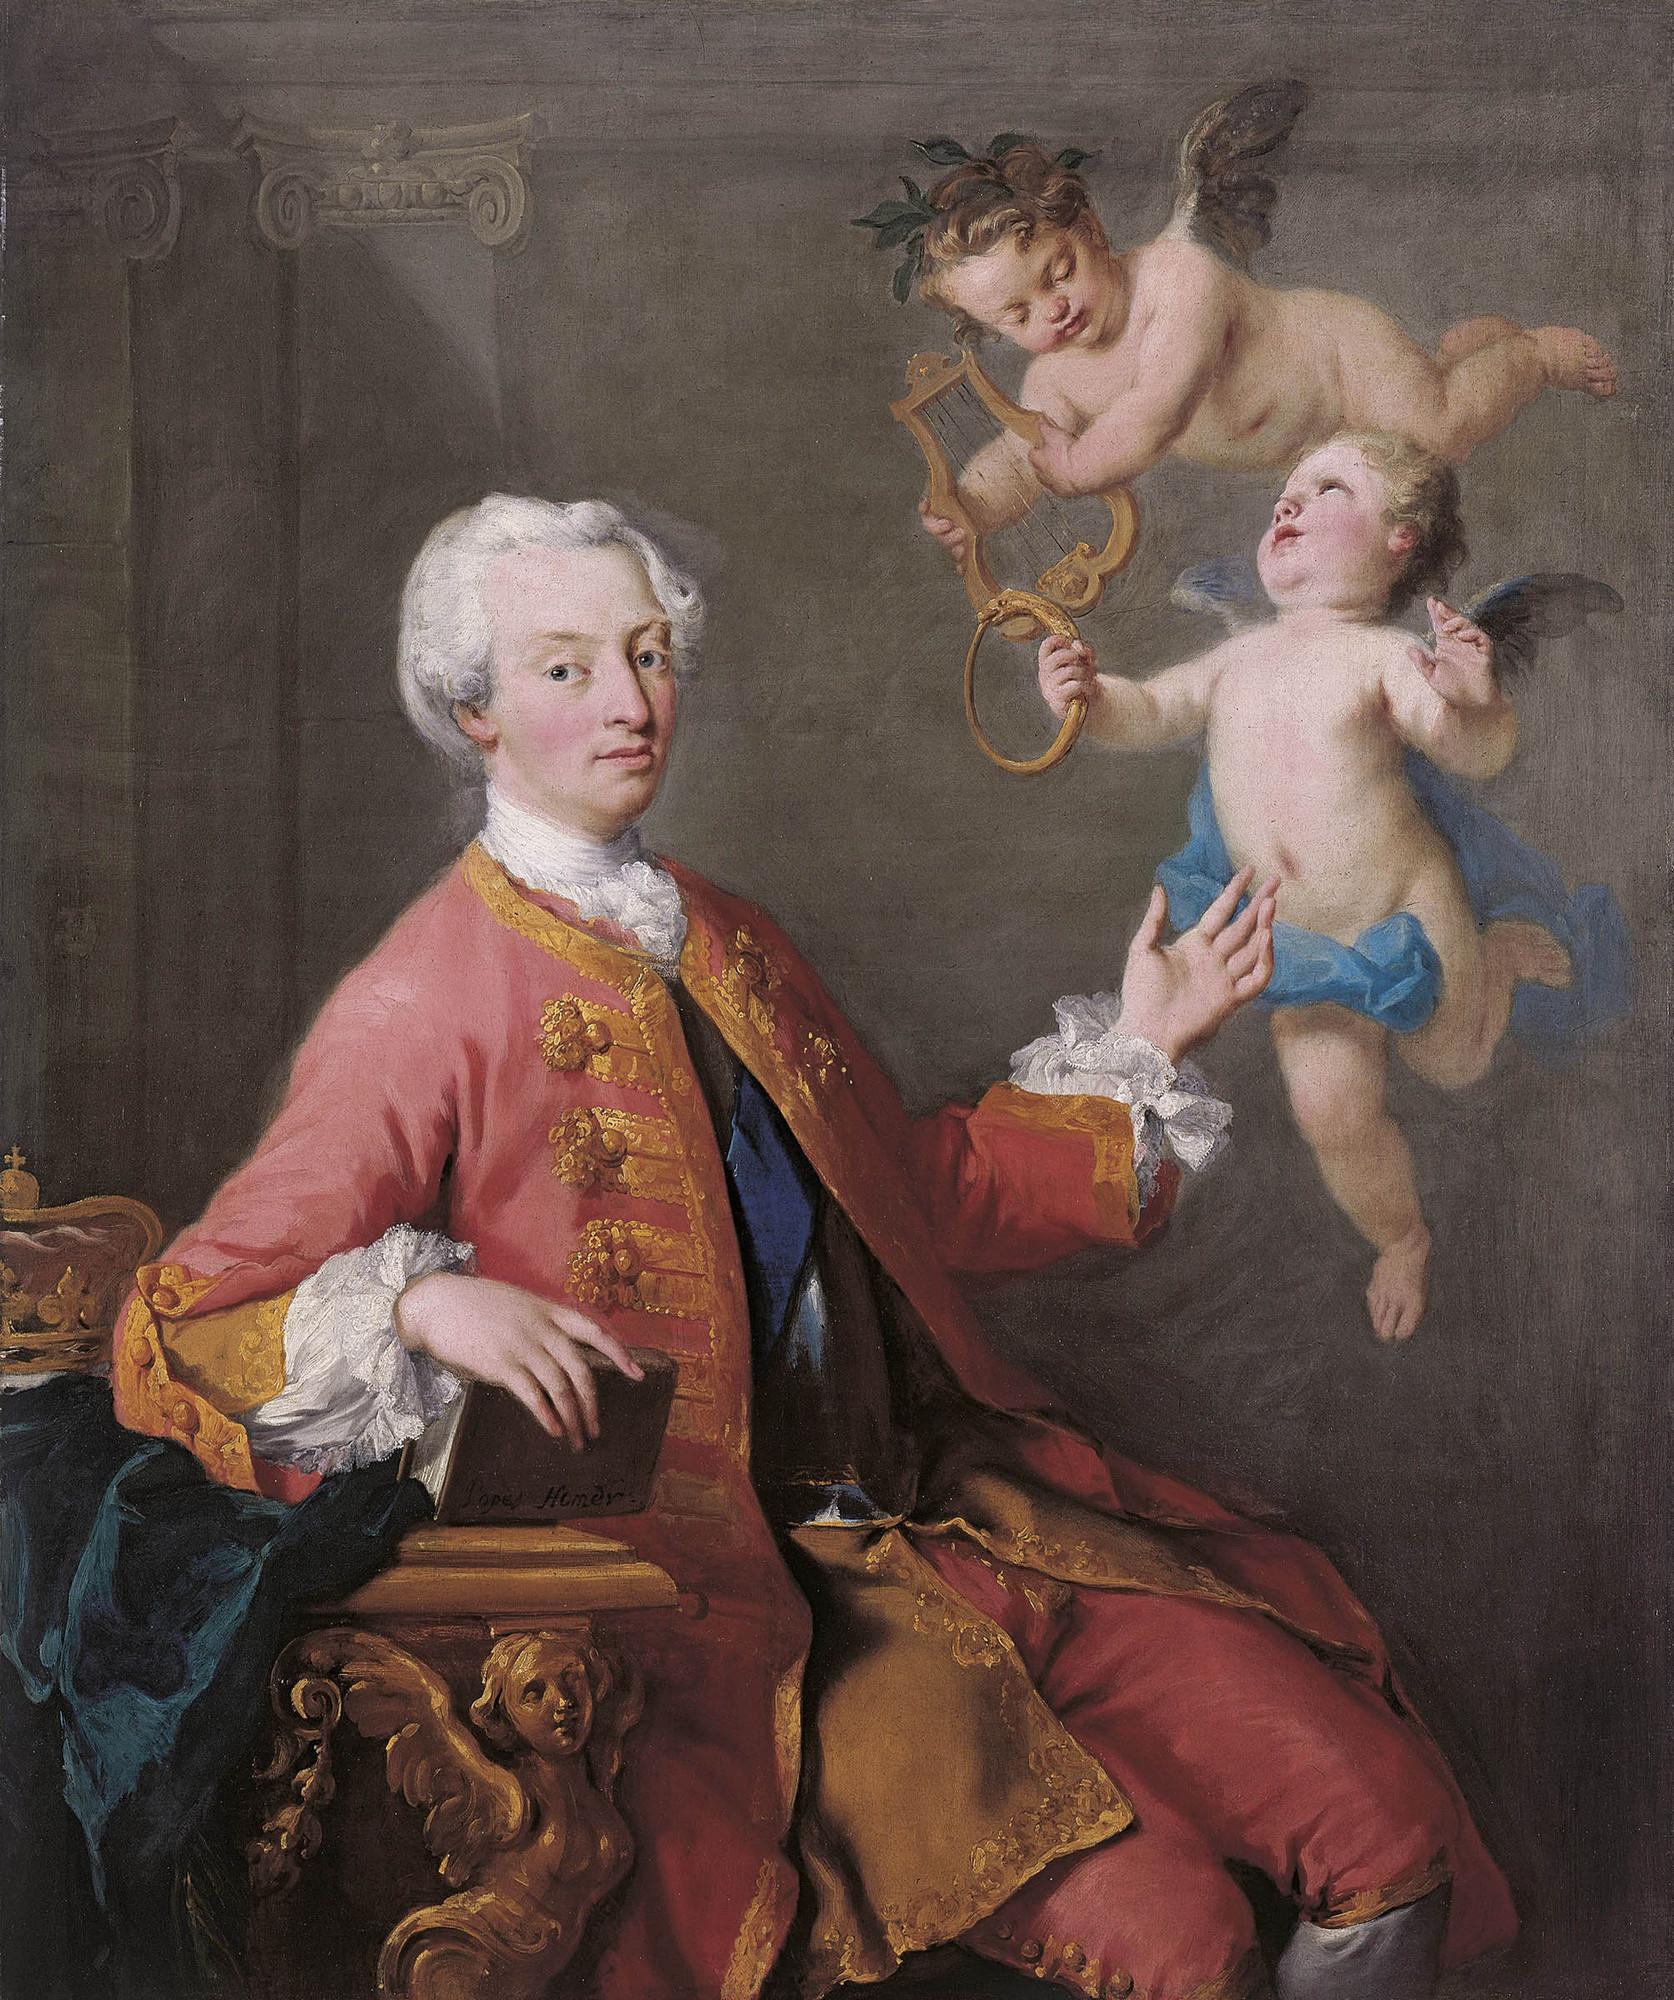 Portrait by Jacopo Amigoni, 1735